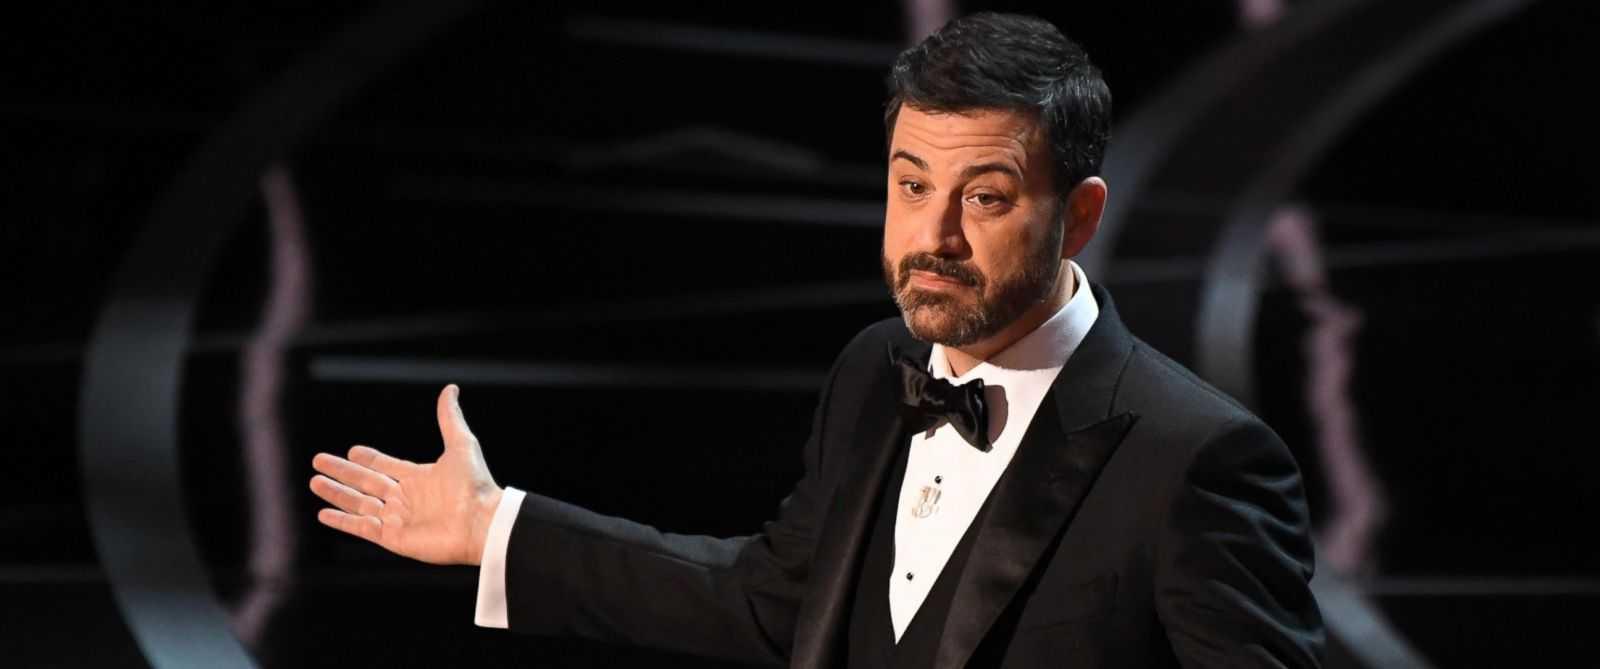 Jimmy Kimmel To Host Oscars 2018   Jimmy Kimmel